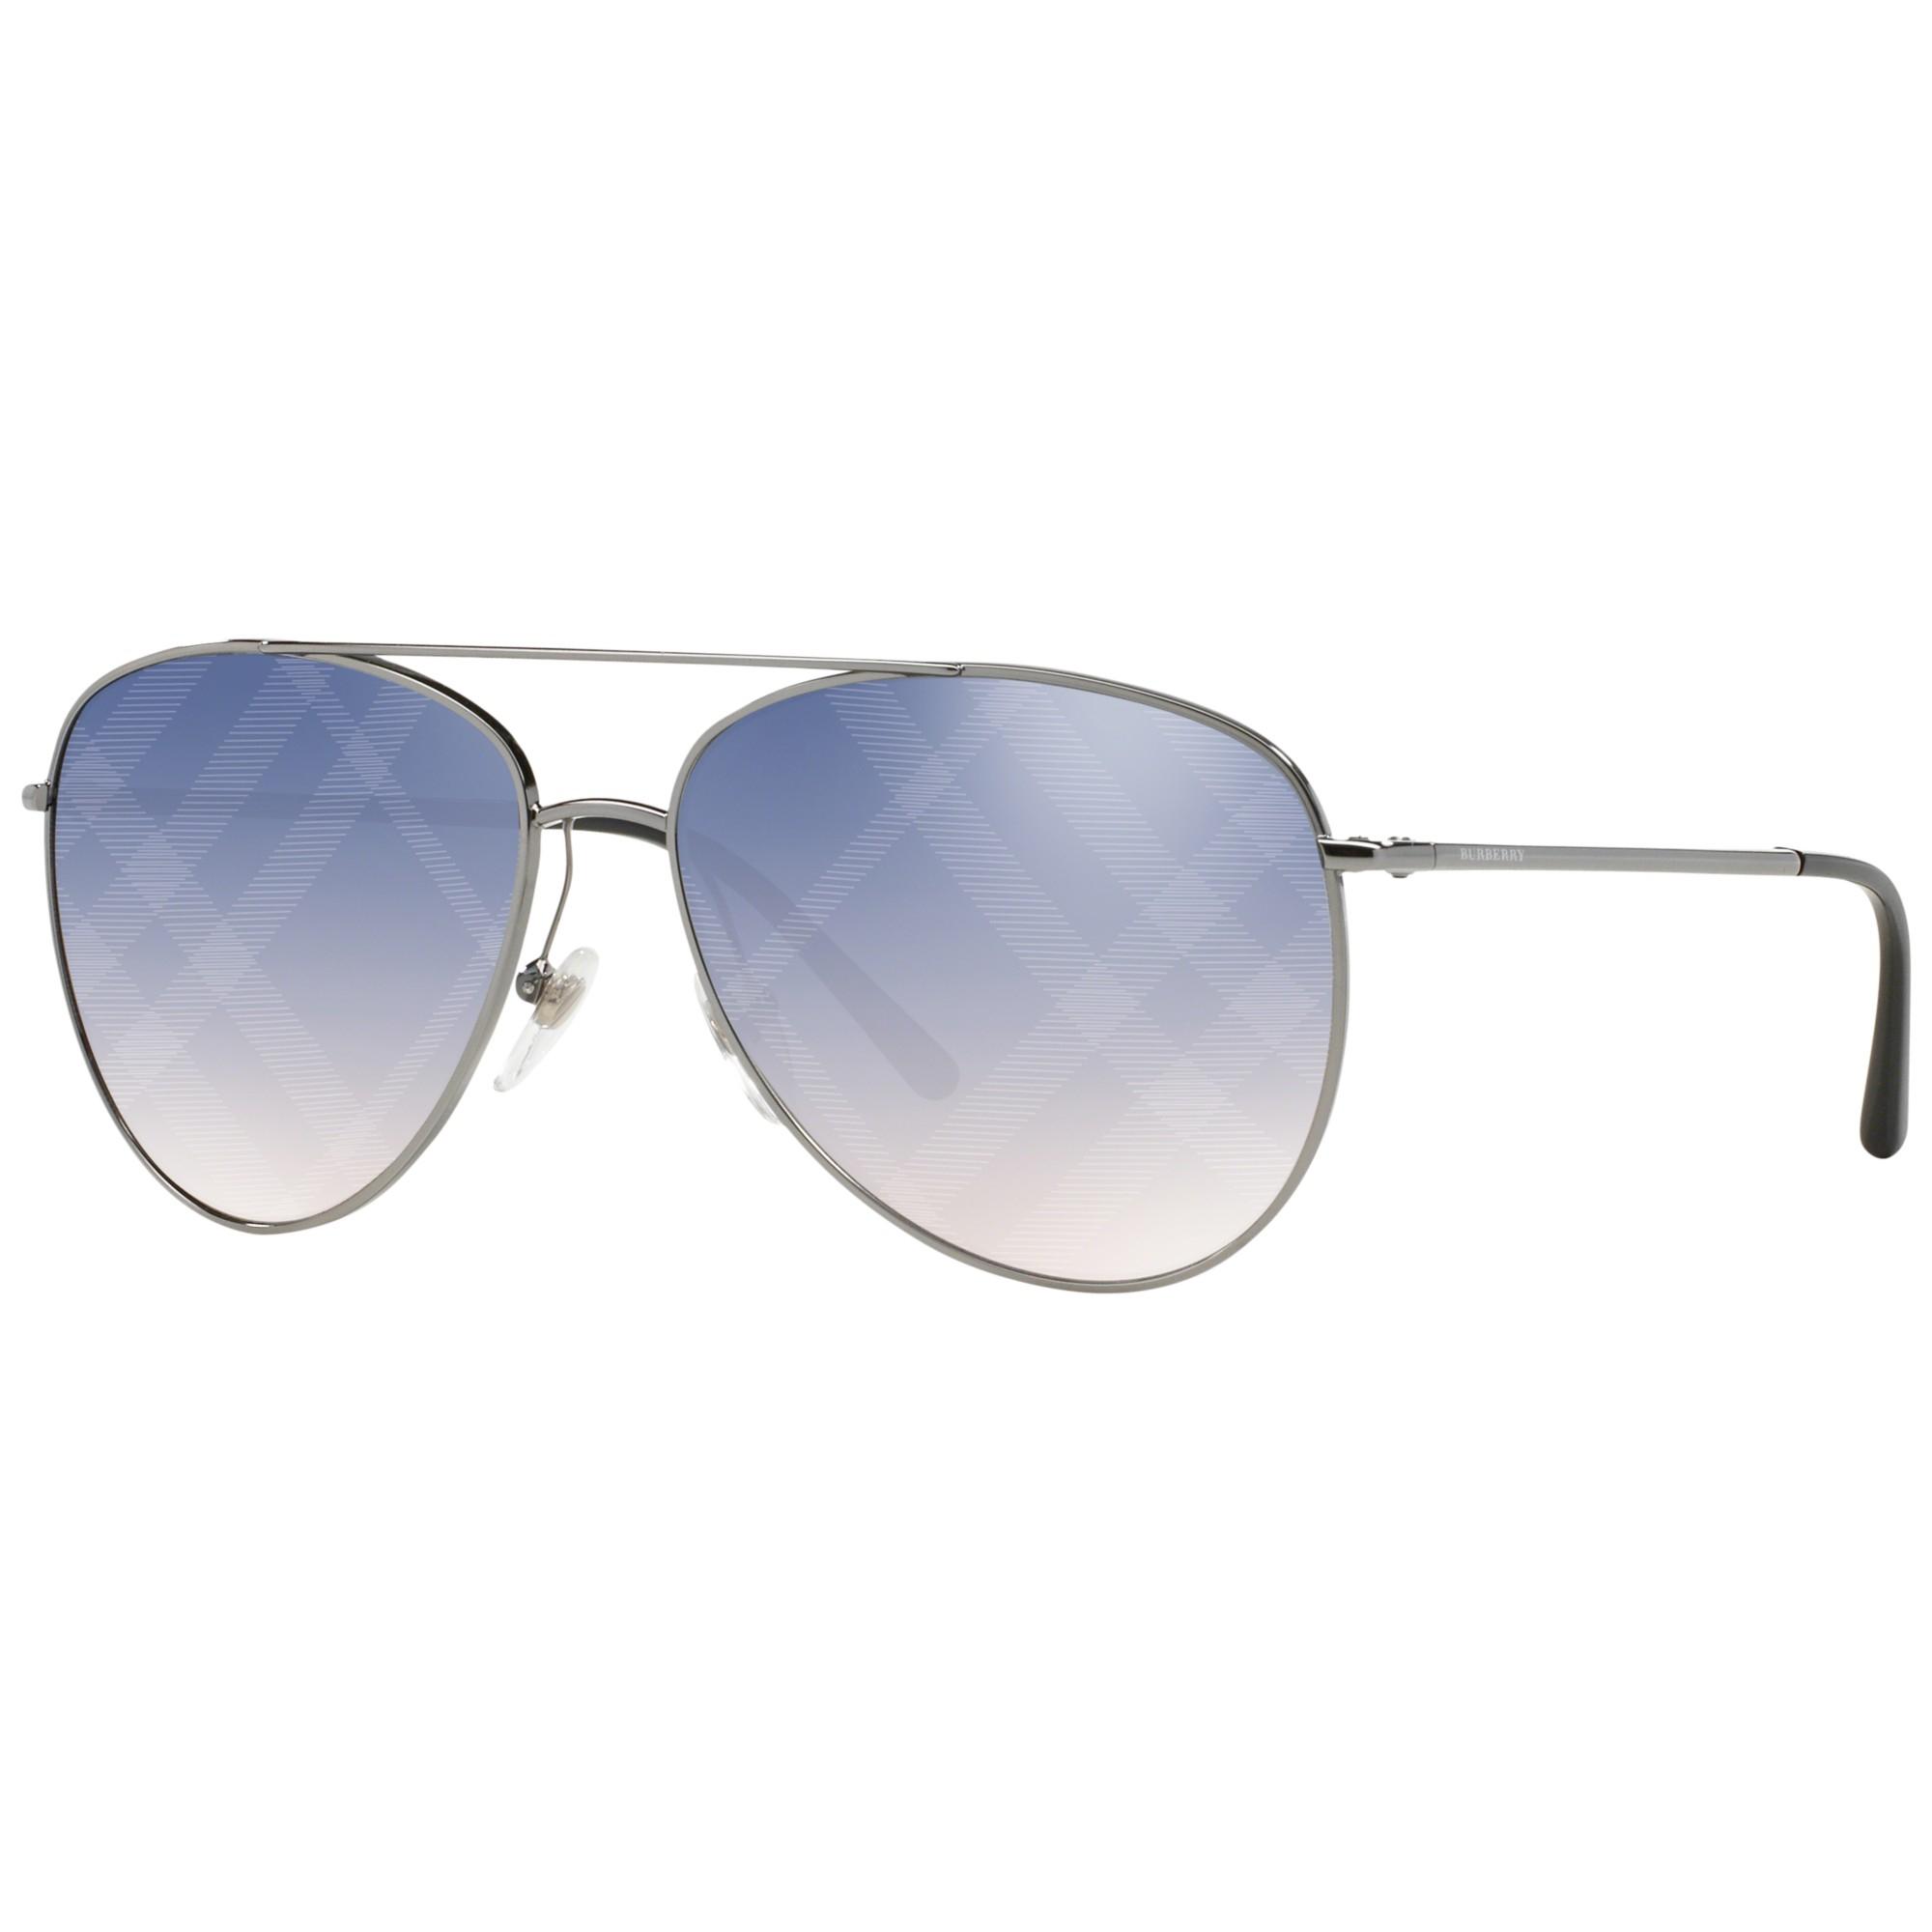 42174a0ca5b Burberry Be3072 Aviator Sunglasses in Blue - Lyst